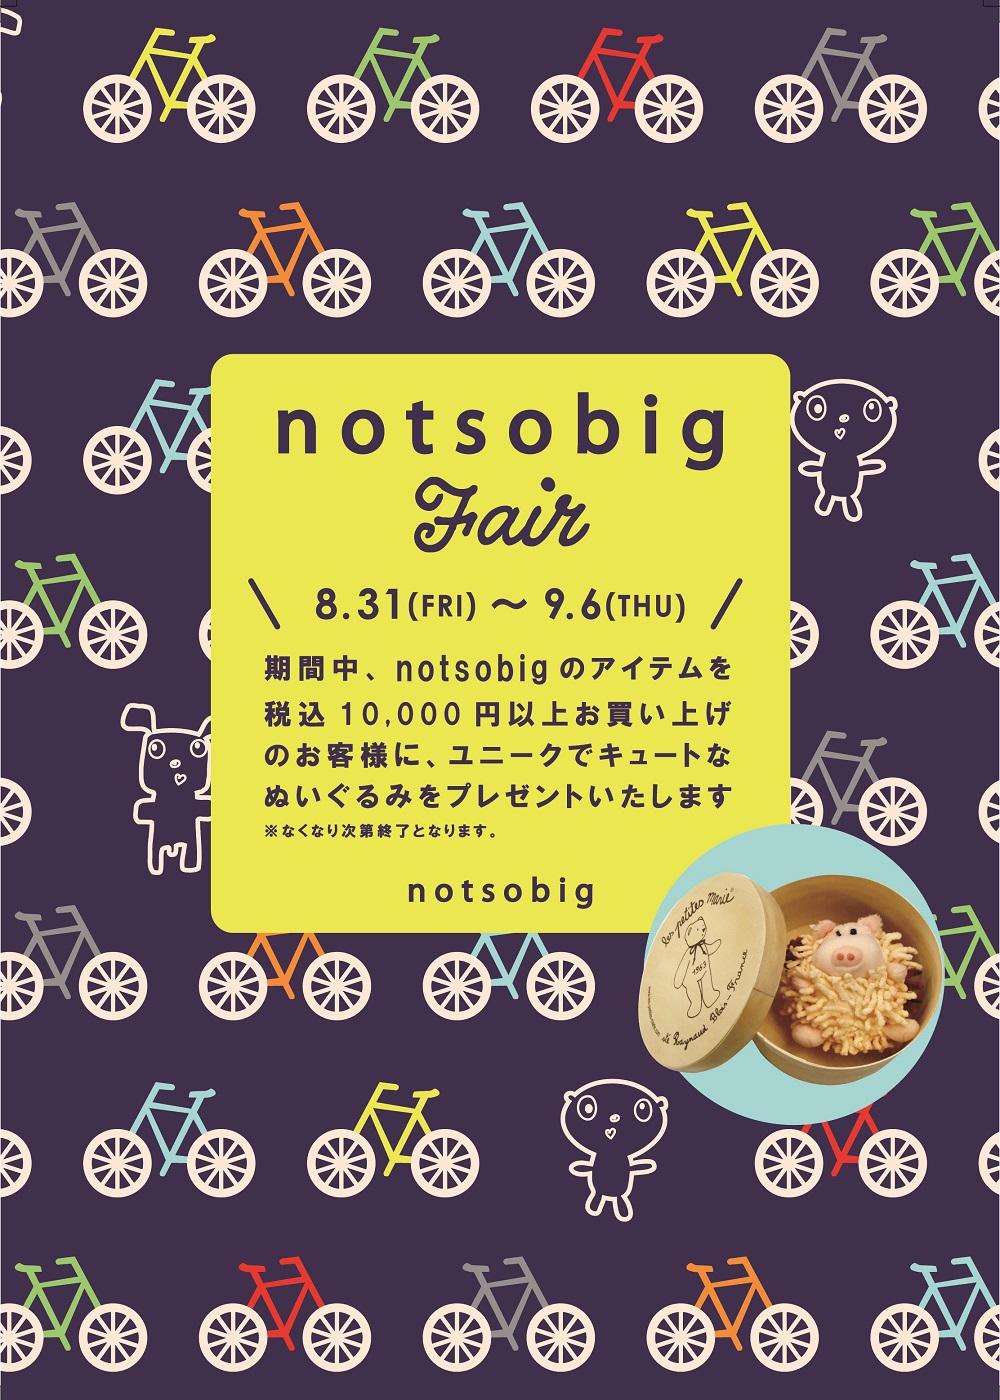 notsobig_design_pop_okol(早川調整)